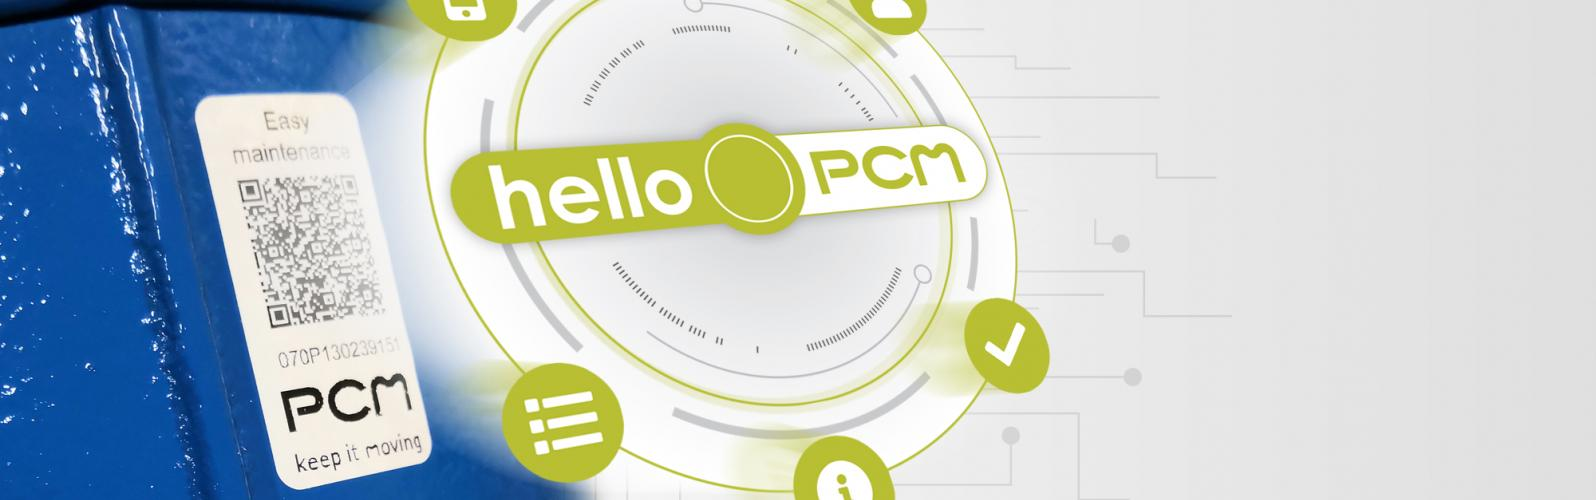 HelloPCM - digitale App